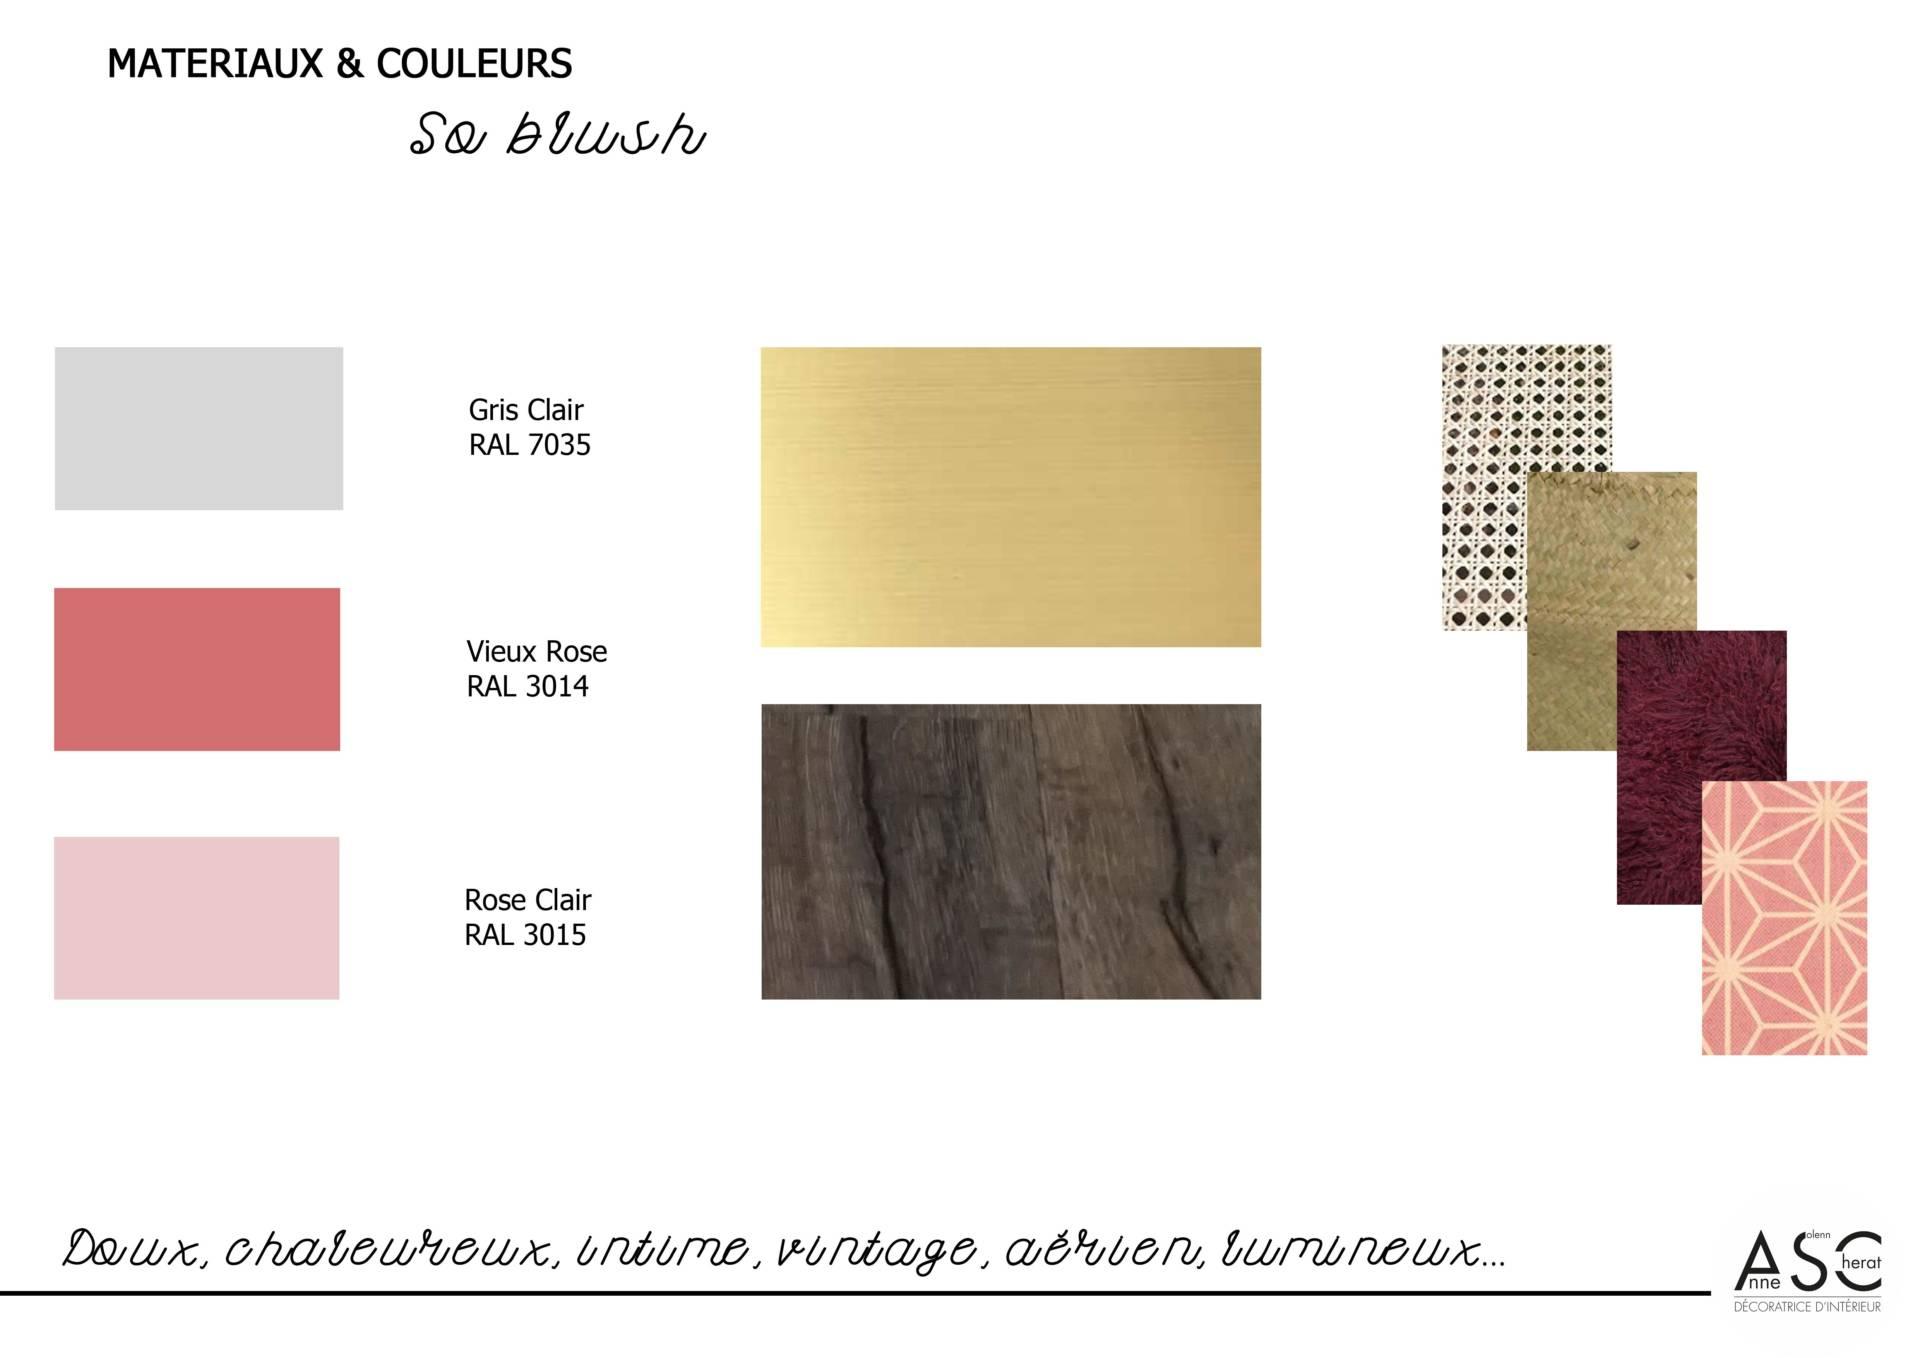 Chambre de petite fille par Anne Solenn Chérat, Décoratrice UFDI sur Lorient, Vannes, Pontivy : Matériaux et couleurs So Blush et vintage